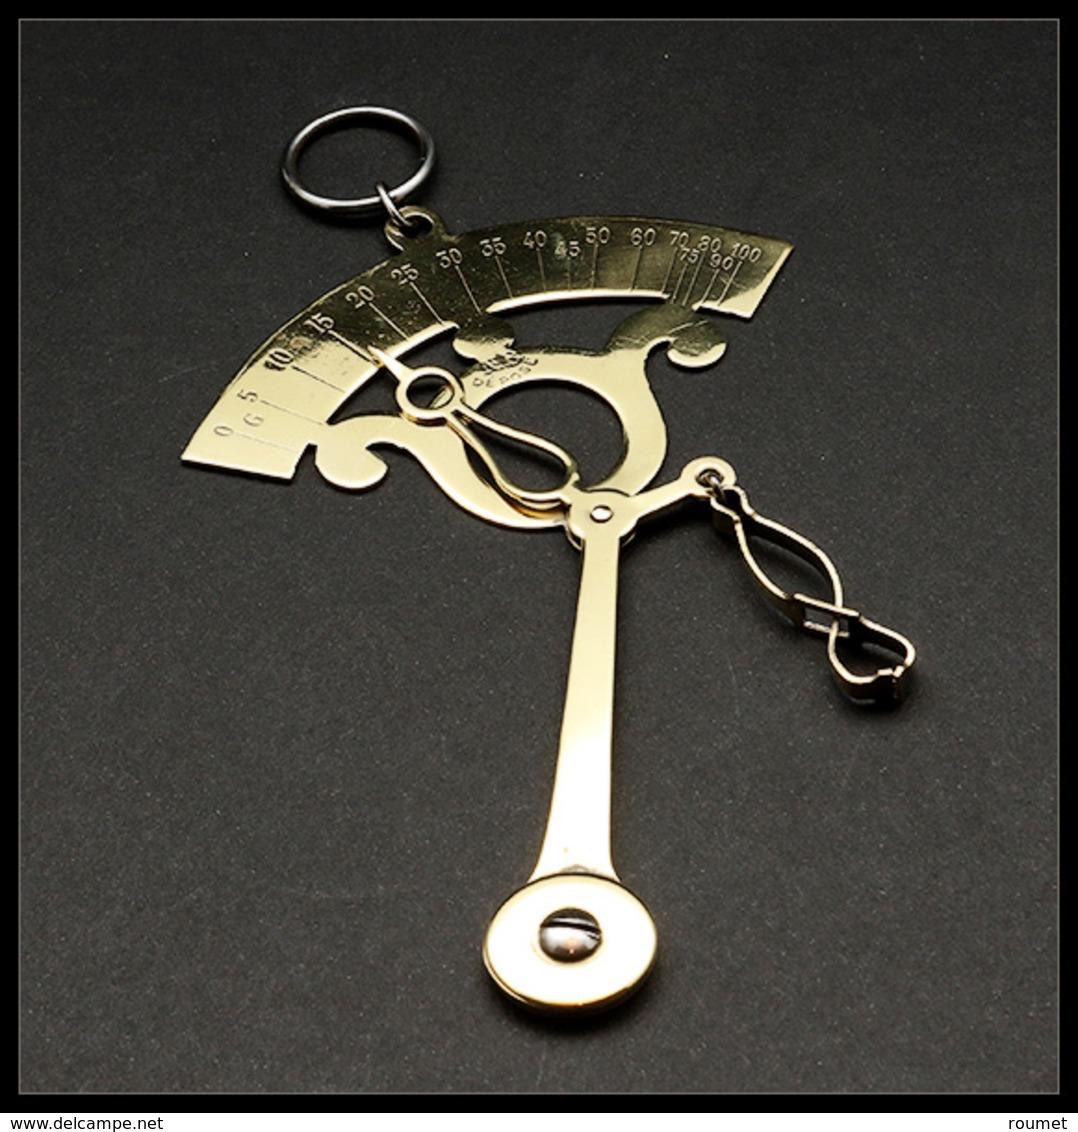 """Pèse Lettres. Archambaud N°79(2), Modèle De Poche à Contrepoids Pendulaire En Laiton Doré, """"NB Déposé"""", échelle 0/100g.  - Boites A Timbres"""